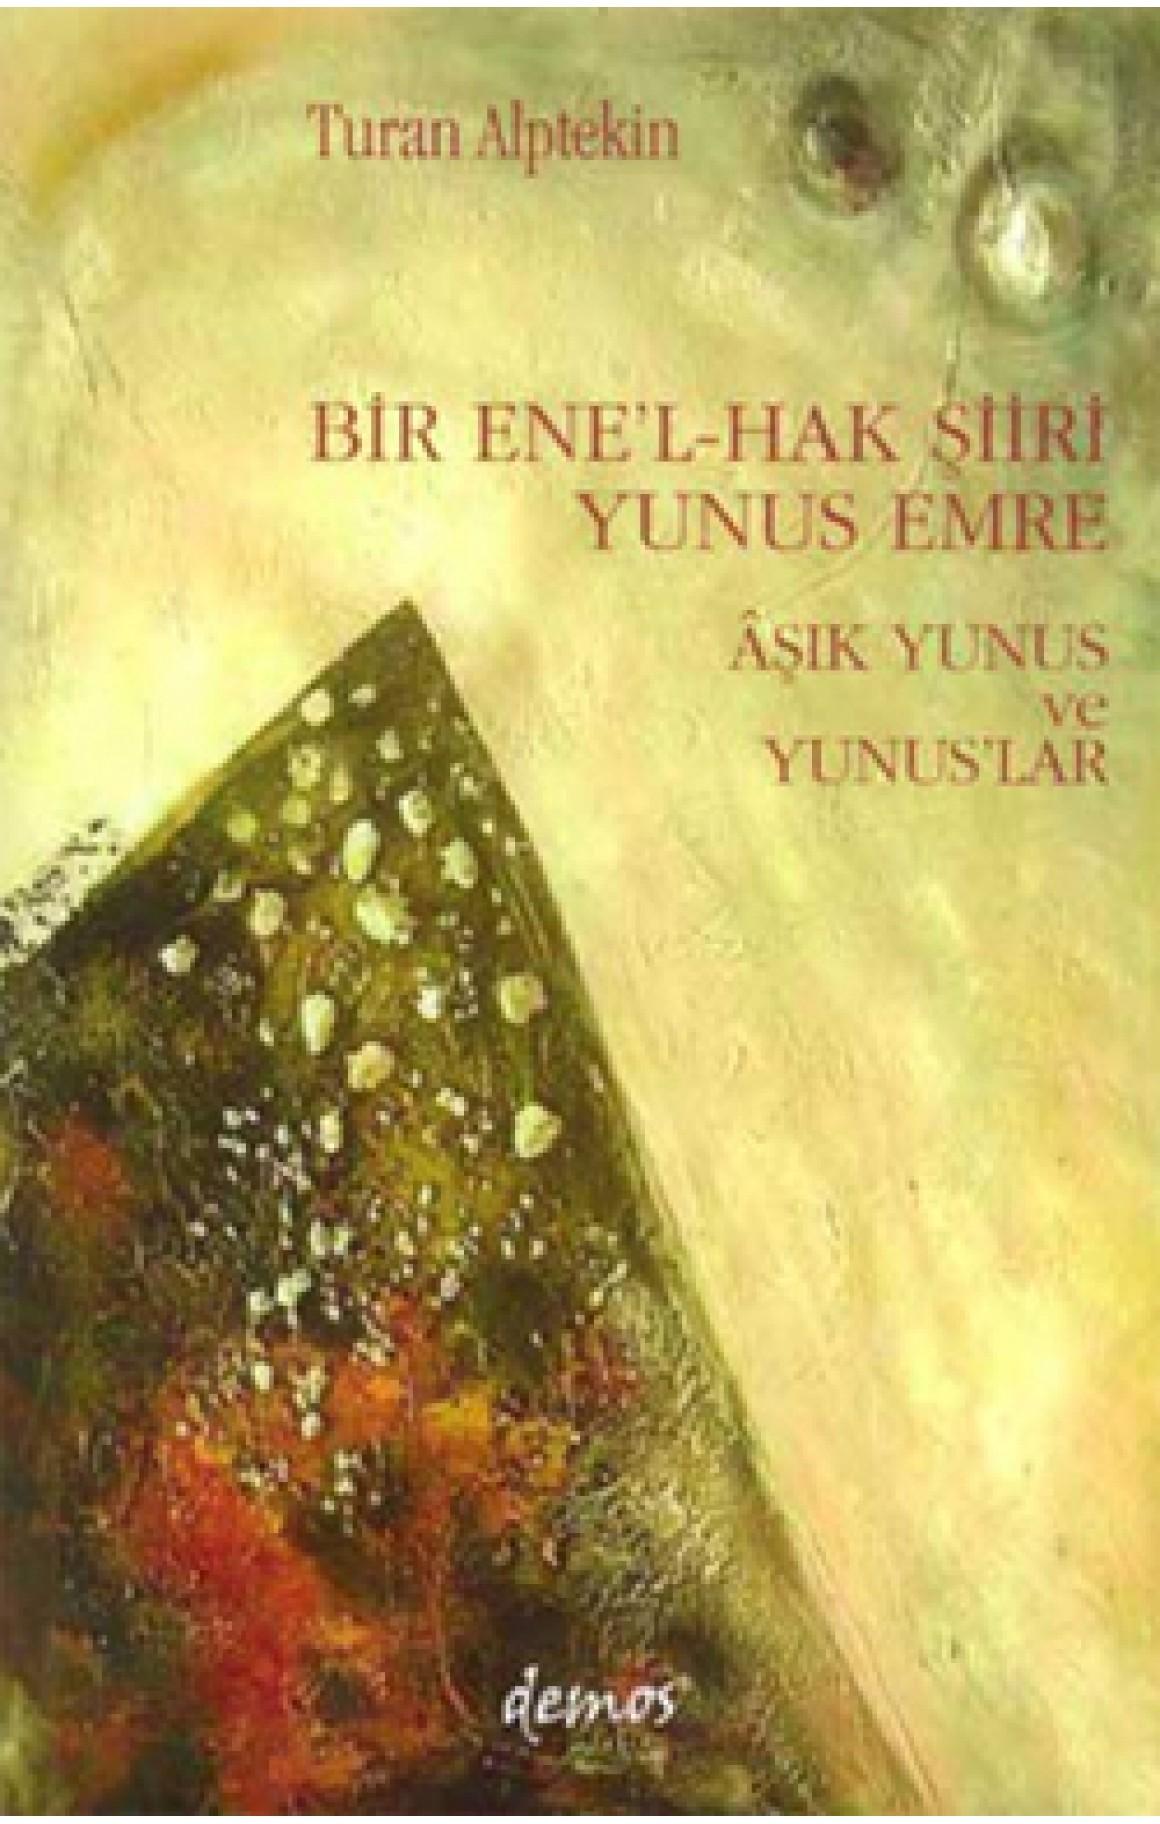 Bir Enel-Halk Şiiri Yunus Emre